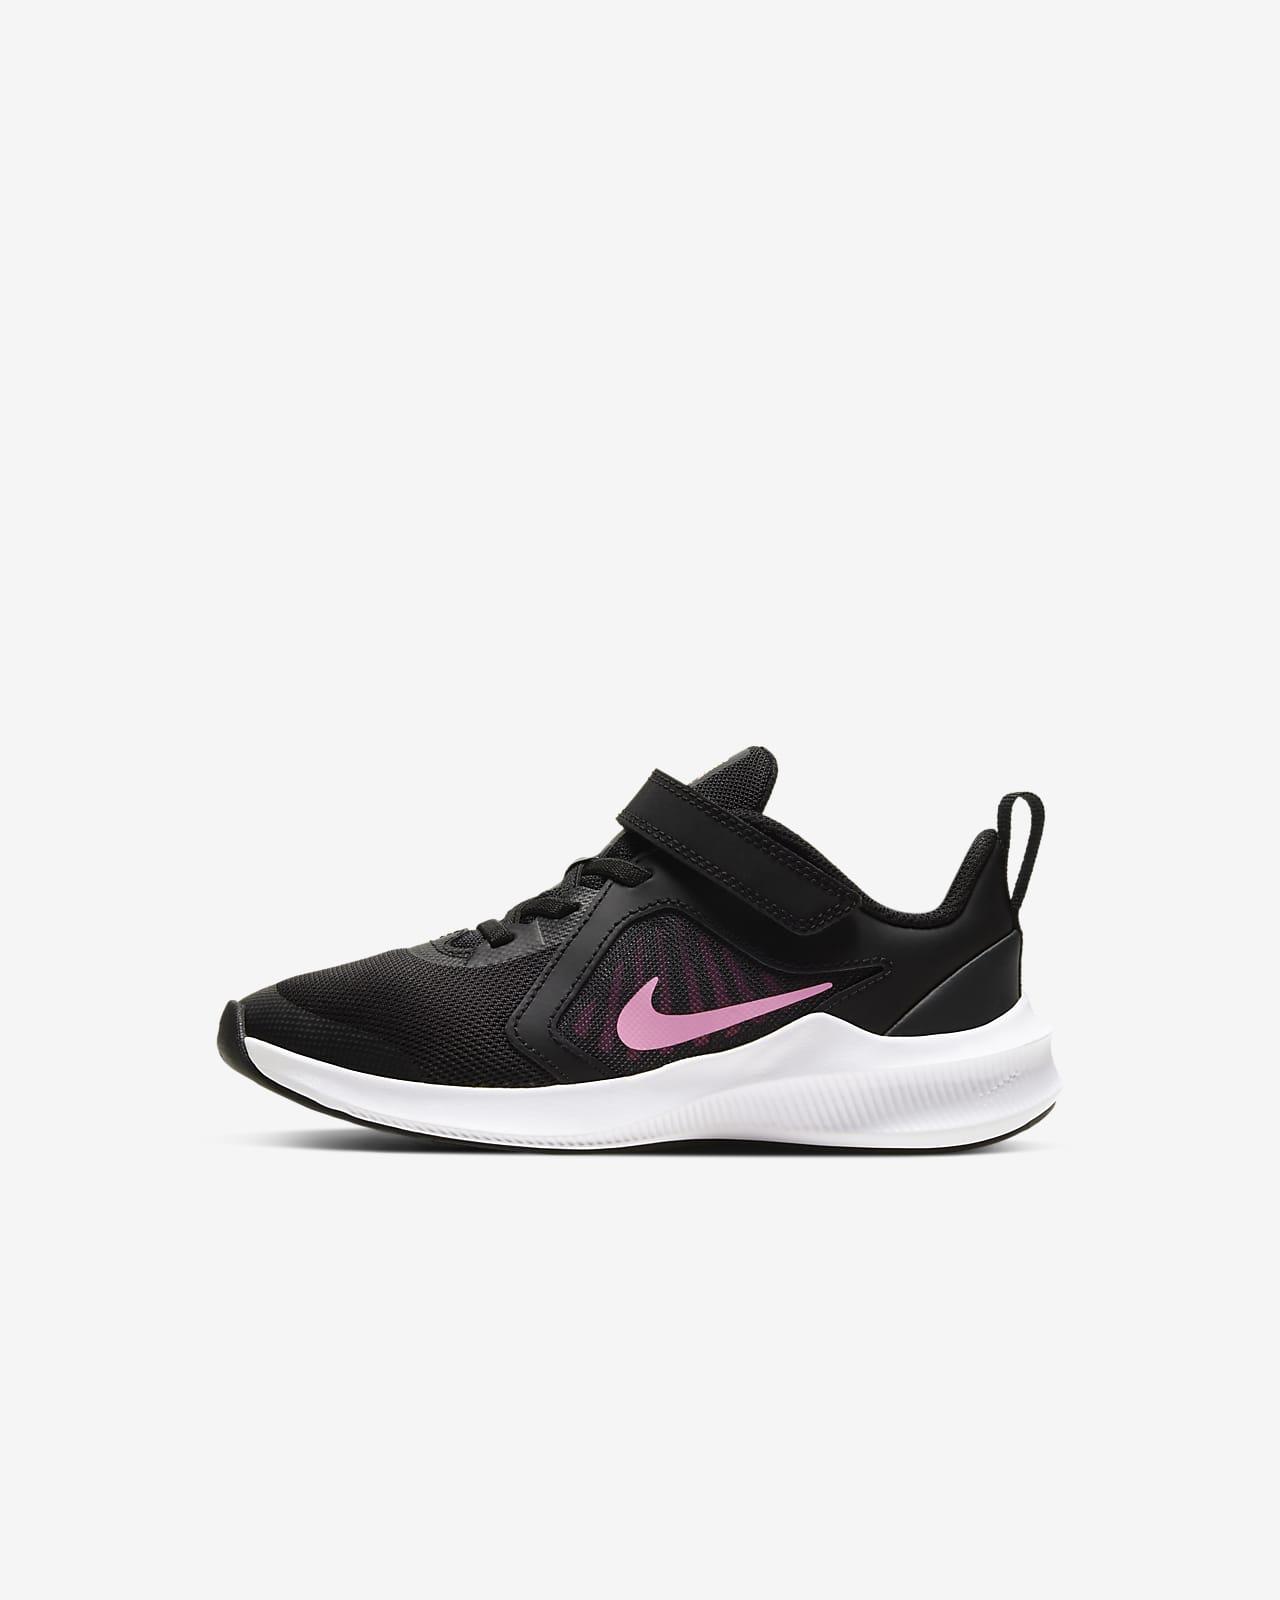 Παπούτσι Nike Downshifter 10 για μικρά παιδιά